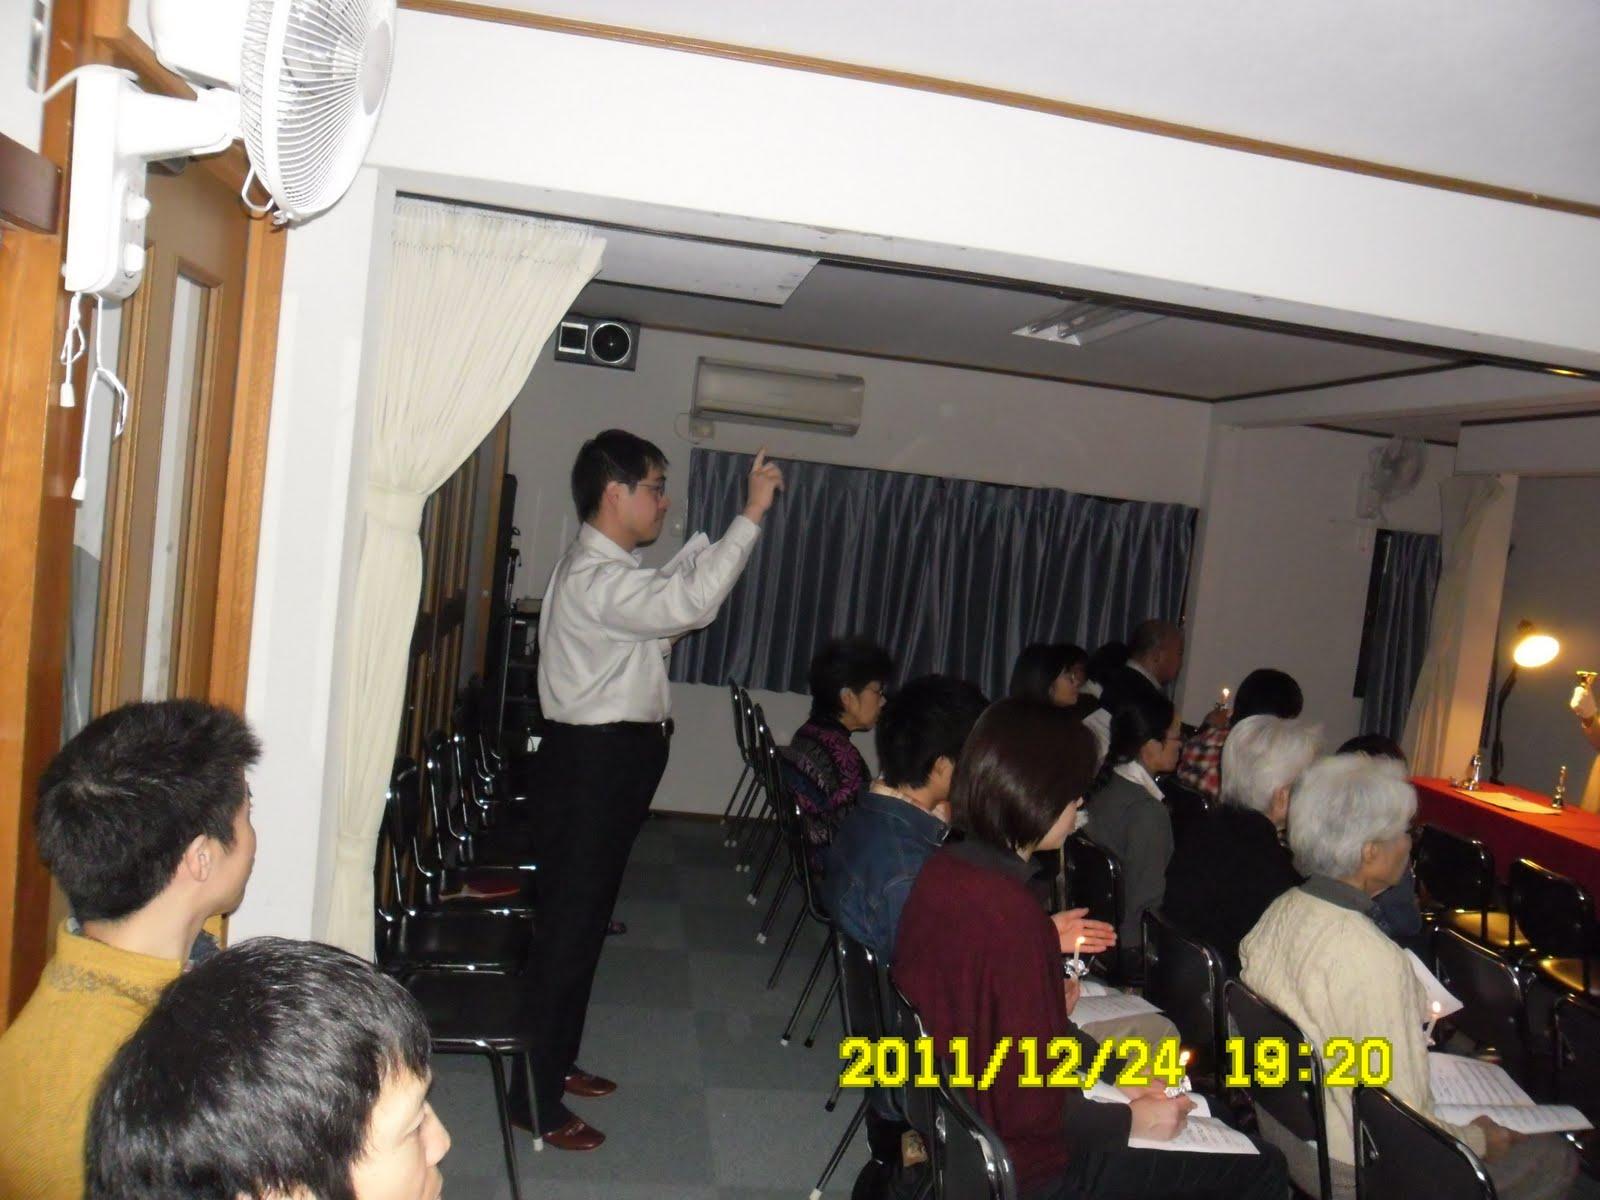 http://4.bp.blogspot.com/-xkpGI57wytQ/Tvpl2cJ-dqI/AAAAAAAAKoI/oLFoXSlTfD8/s1600/SAM_1782.JPG